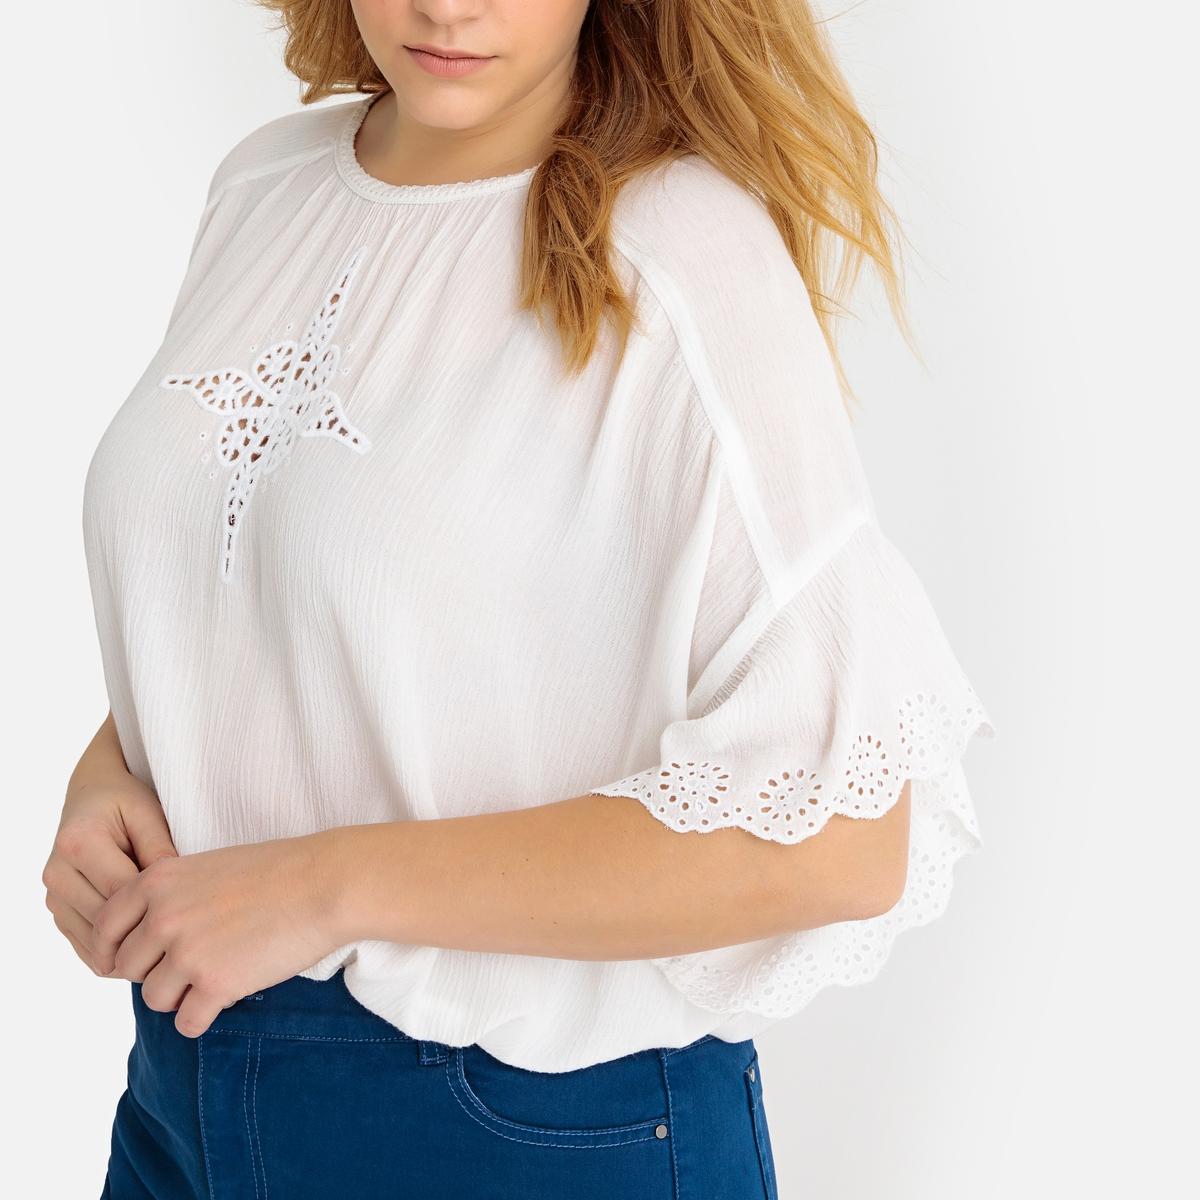 Blusa em gaze de algodão bordada, mangas borboleta